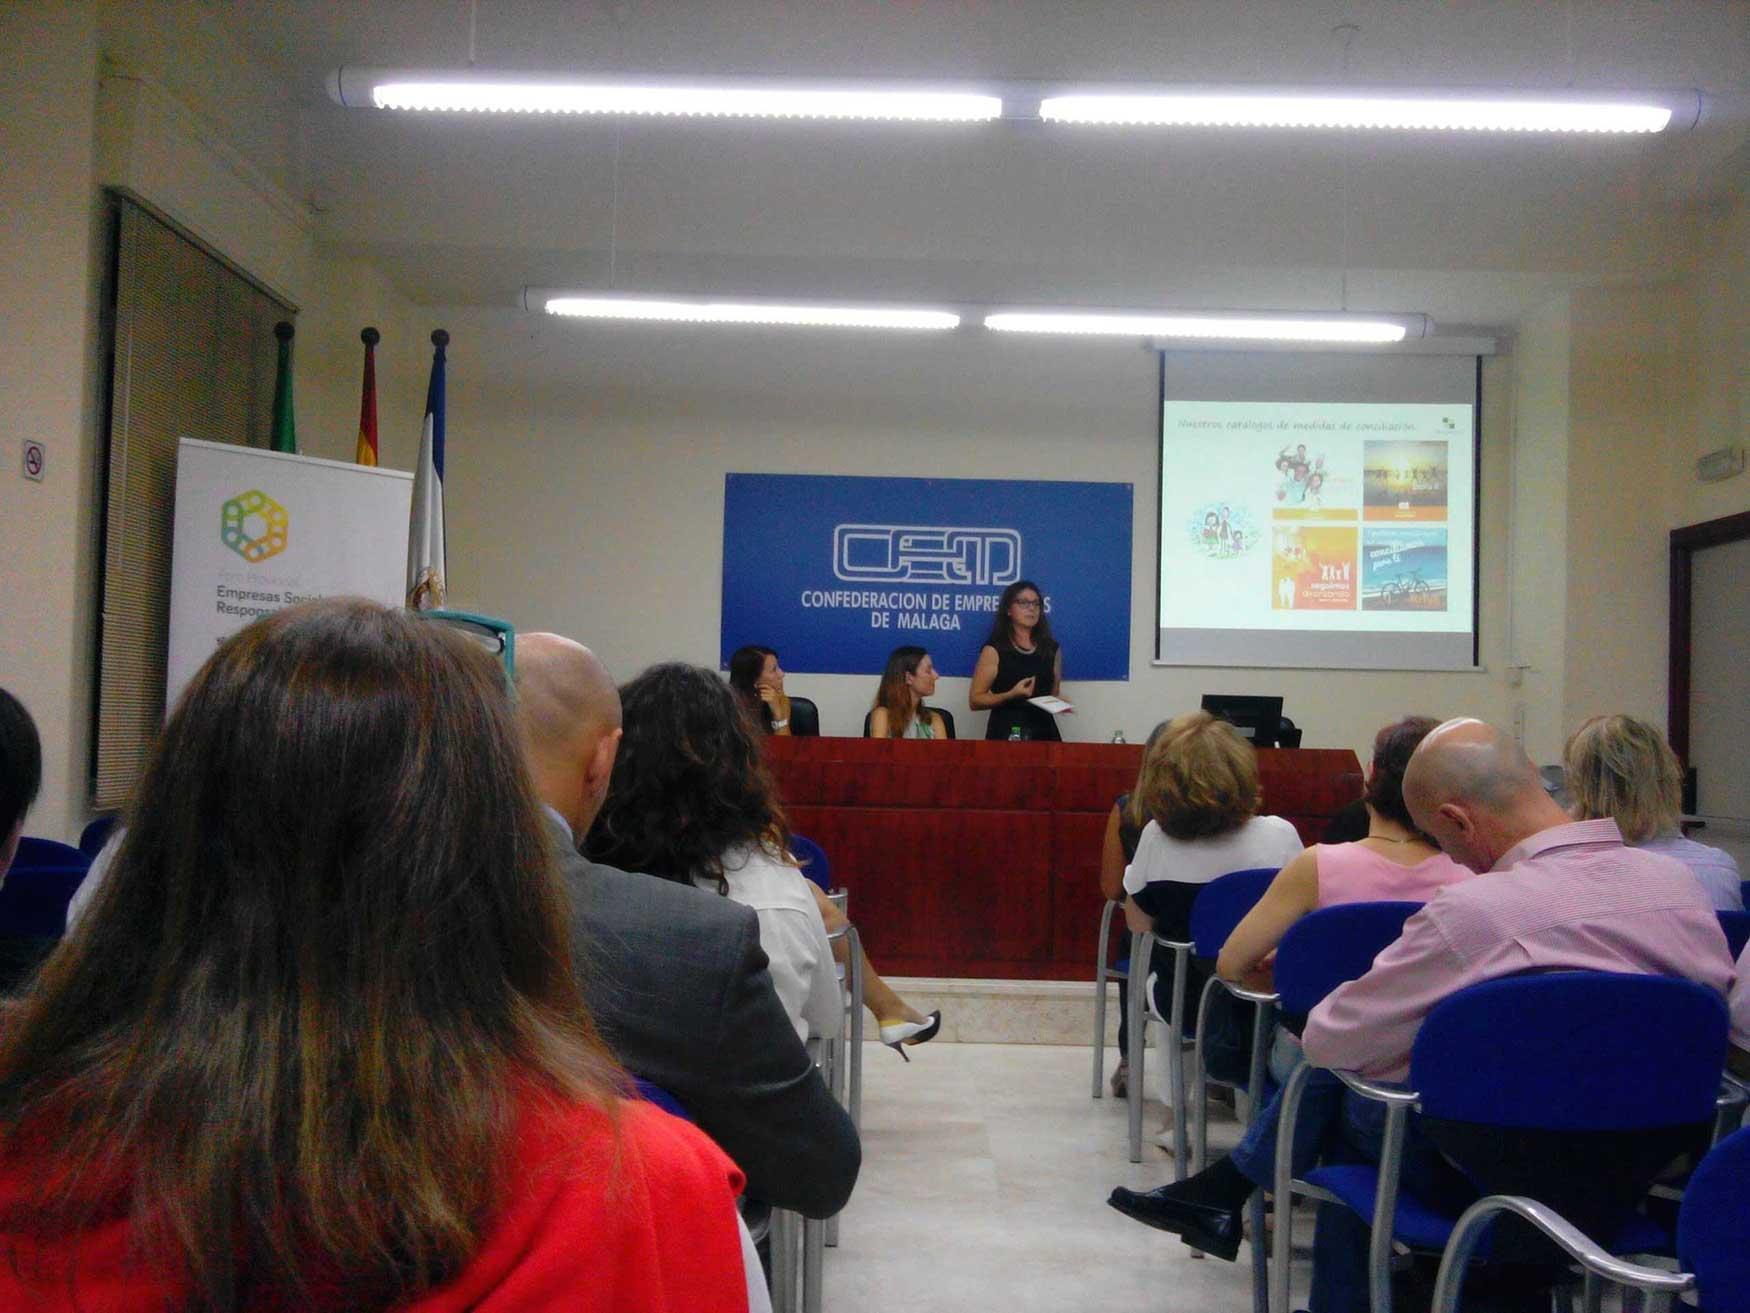 Métrica6 participa en un encuentro de Responsabilidad Social Empresarial, desarrollo de producto, innovación, ingeniería, RSE